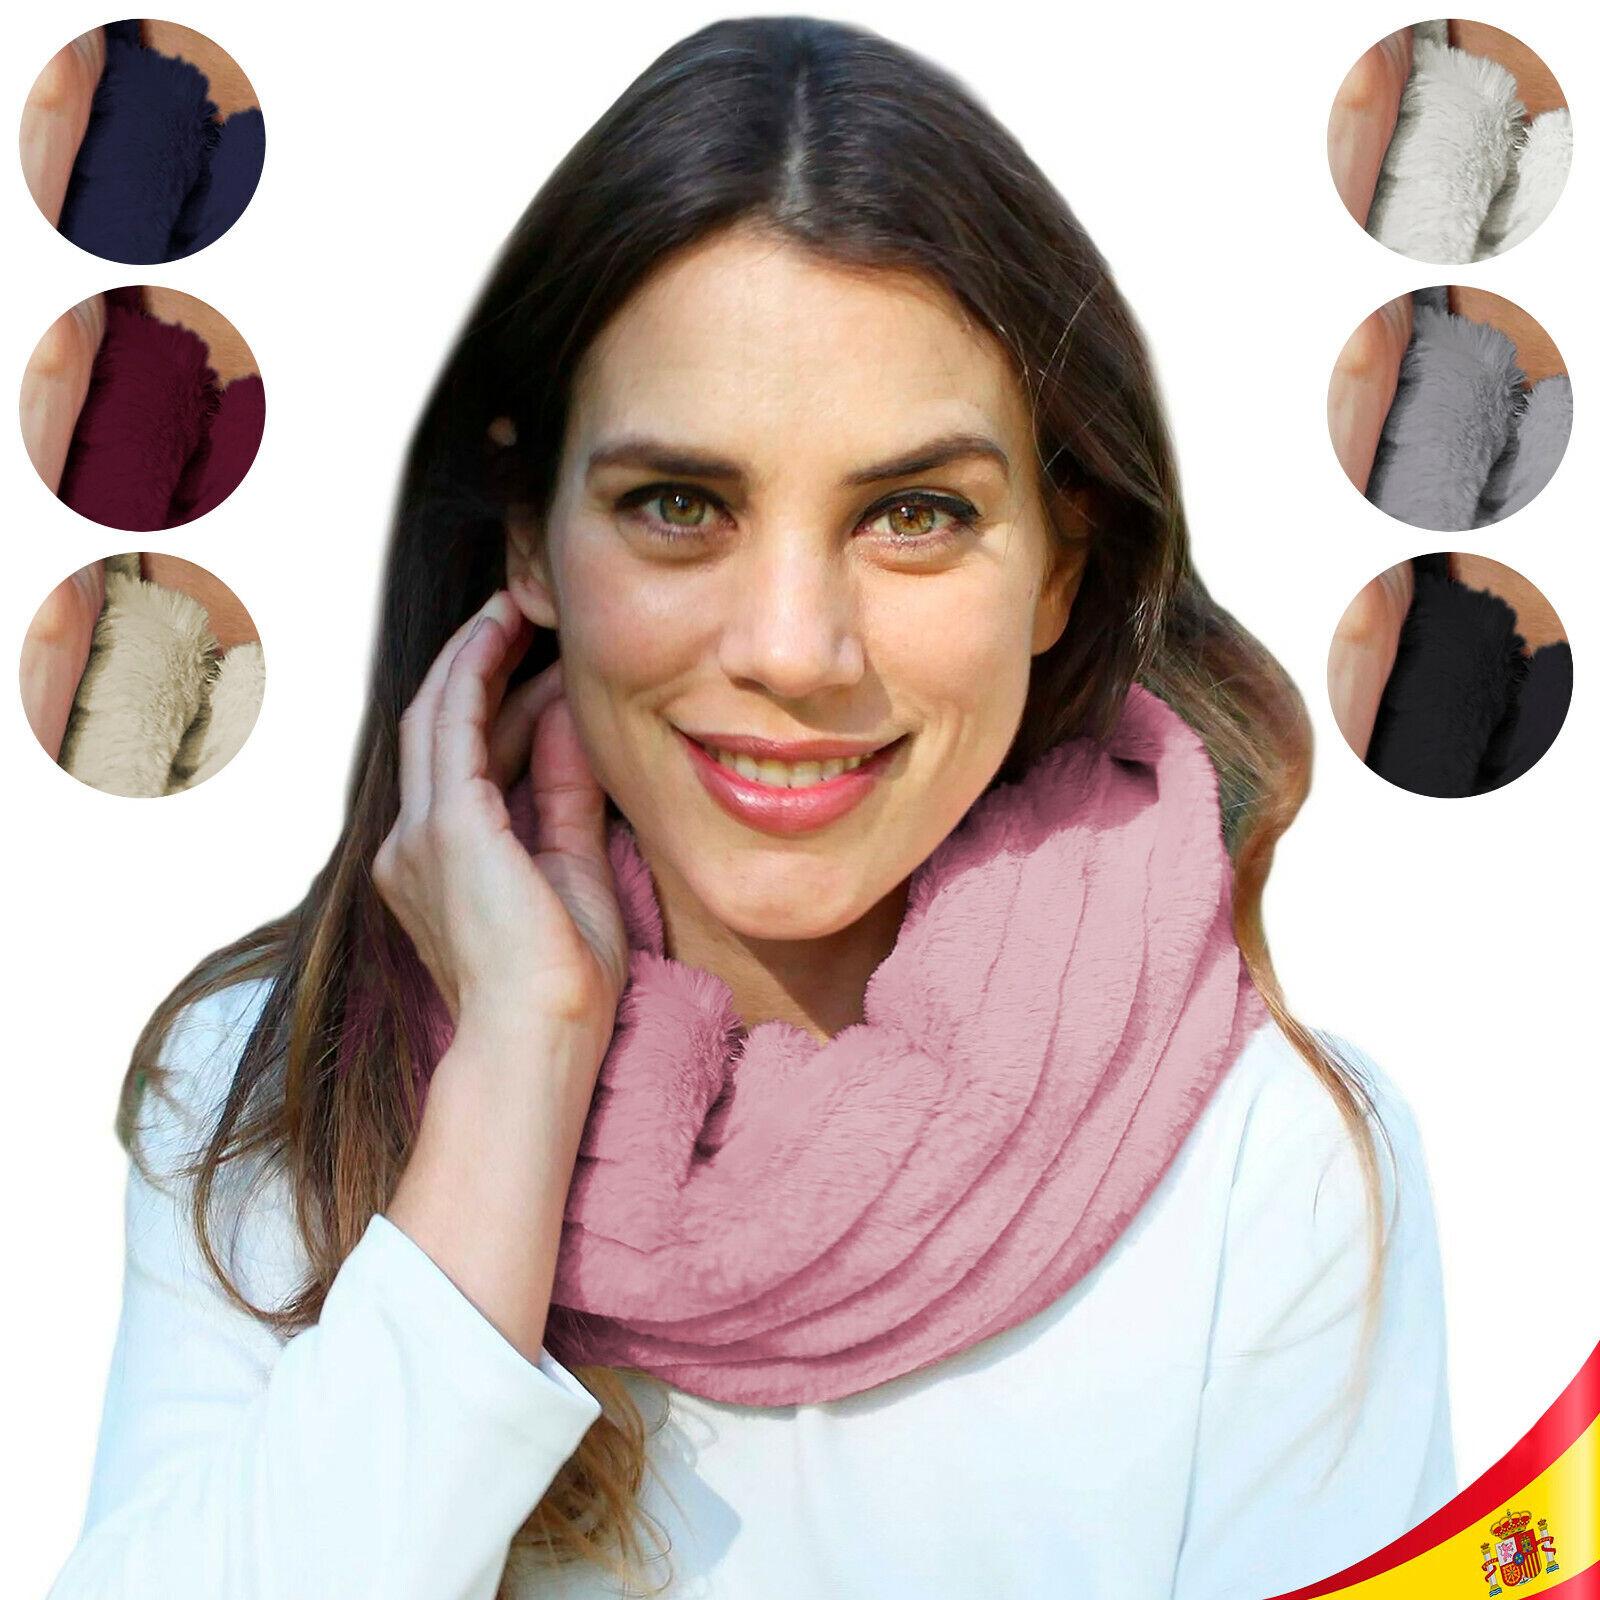 Bufanda de cuello pelo caliente de invierno Bragas de cuello Sintético Colores para Elegir